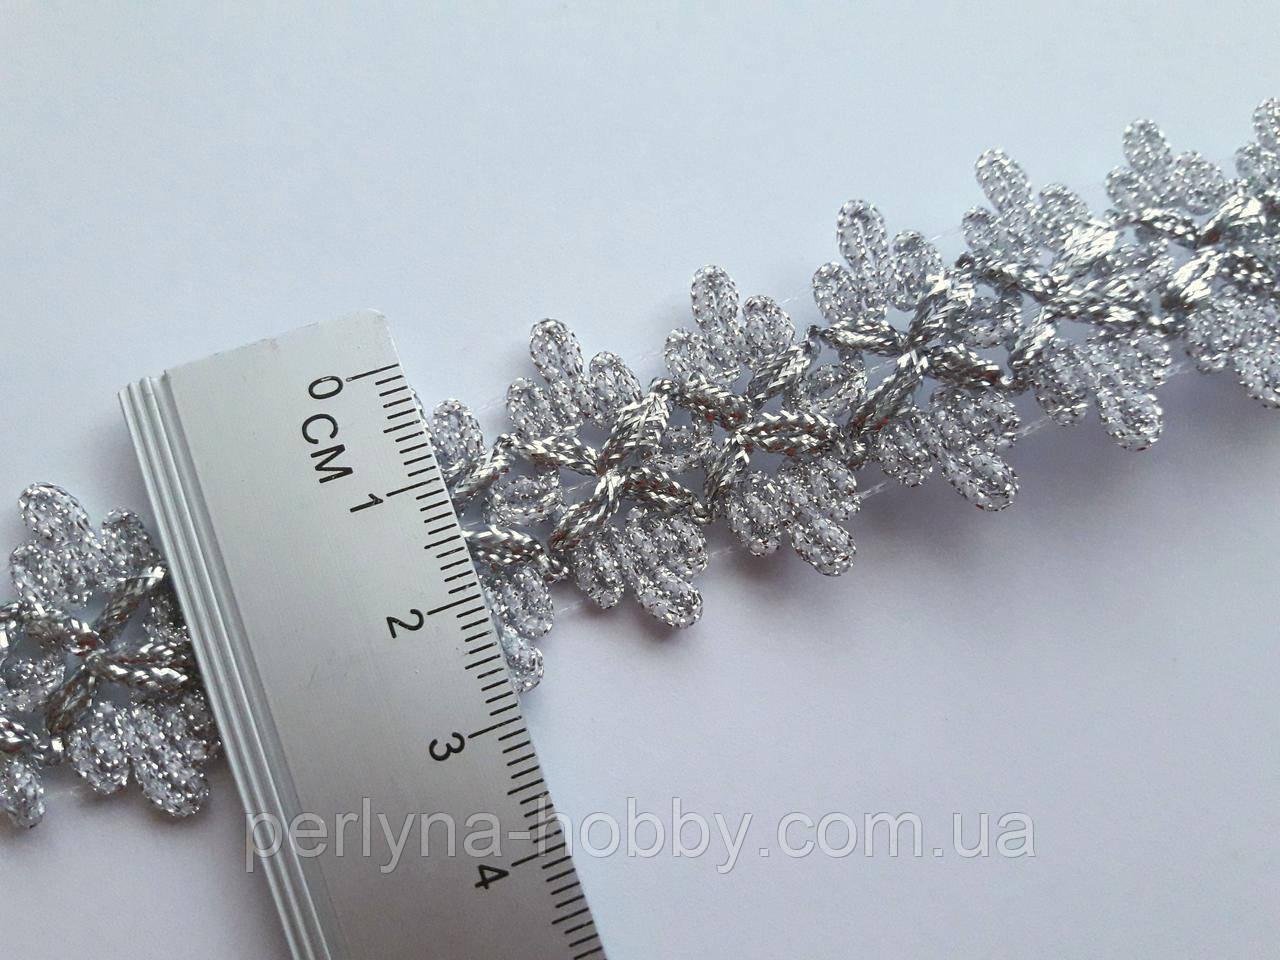 Тасьма декоративна люрекс срібло 2,5 см